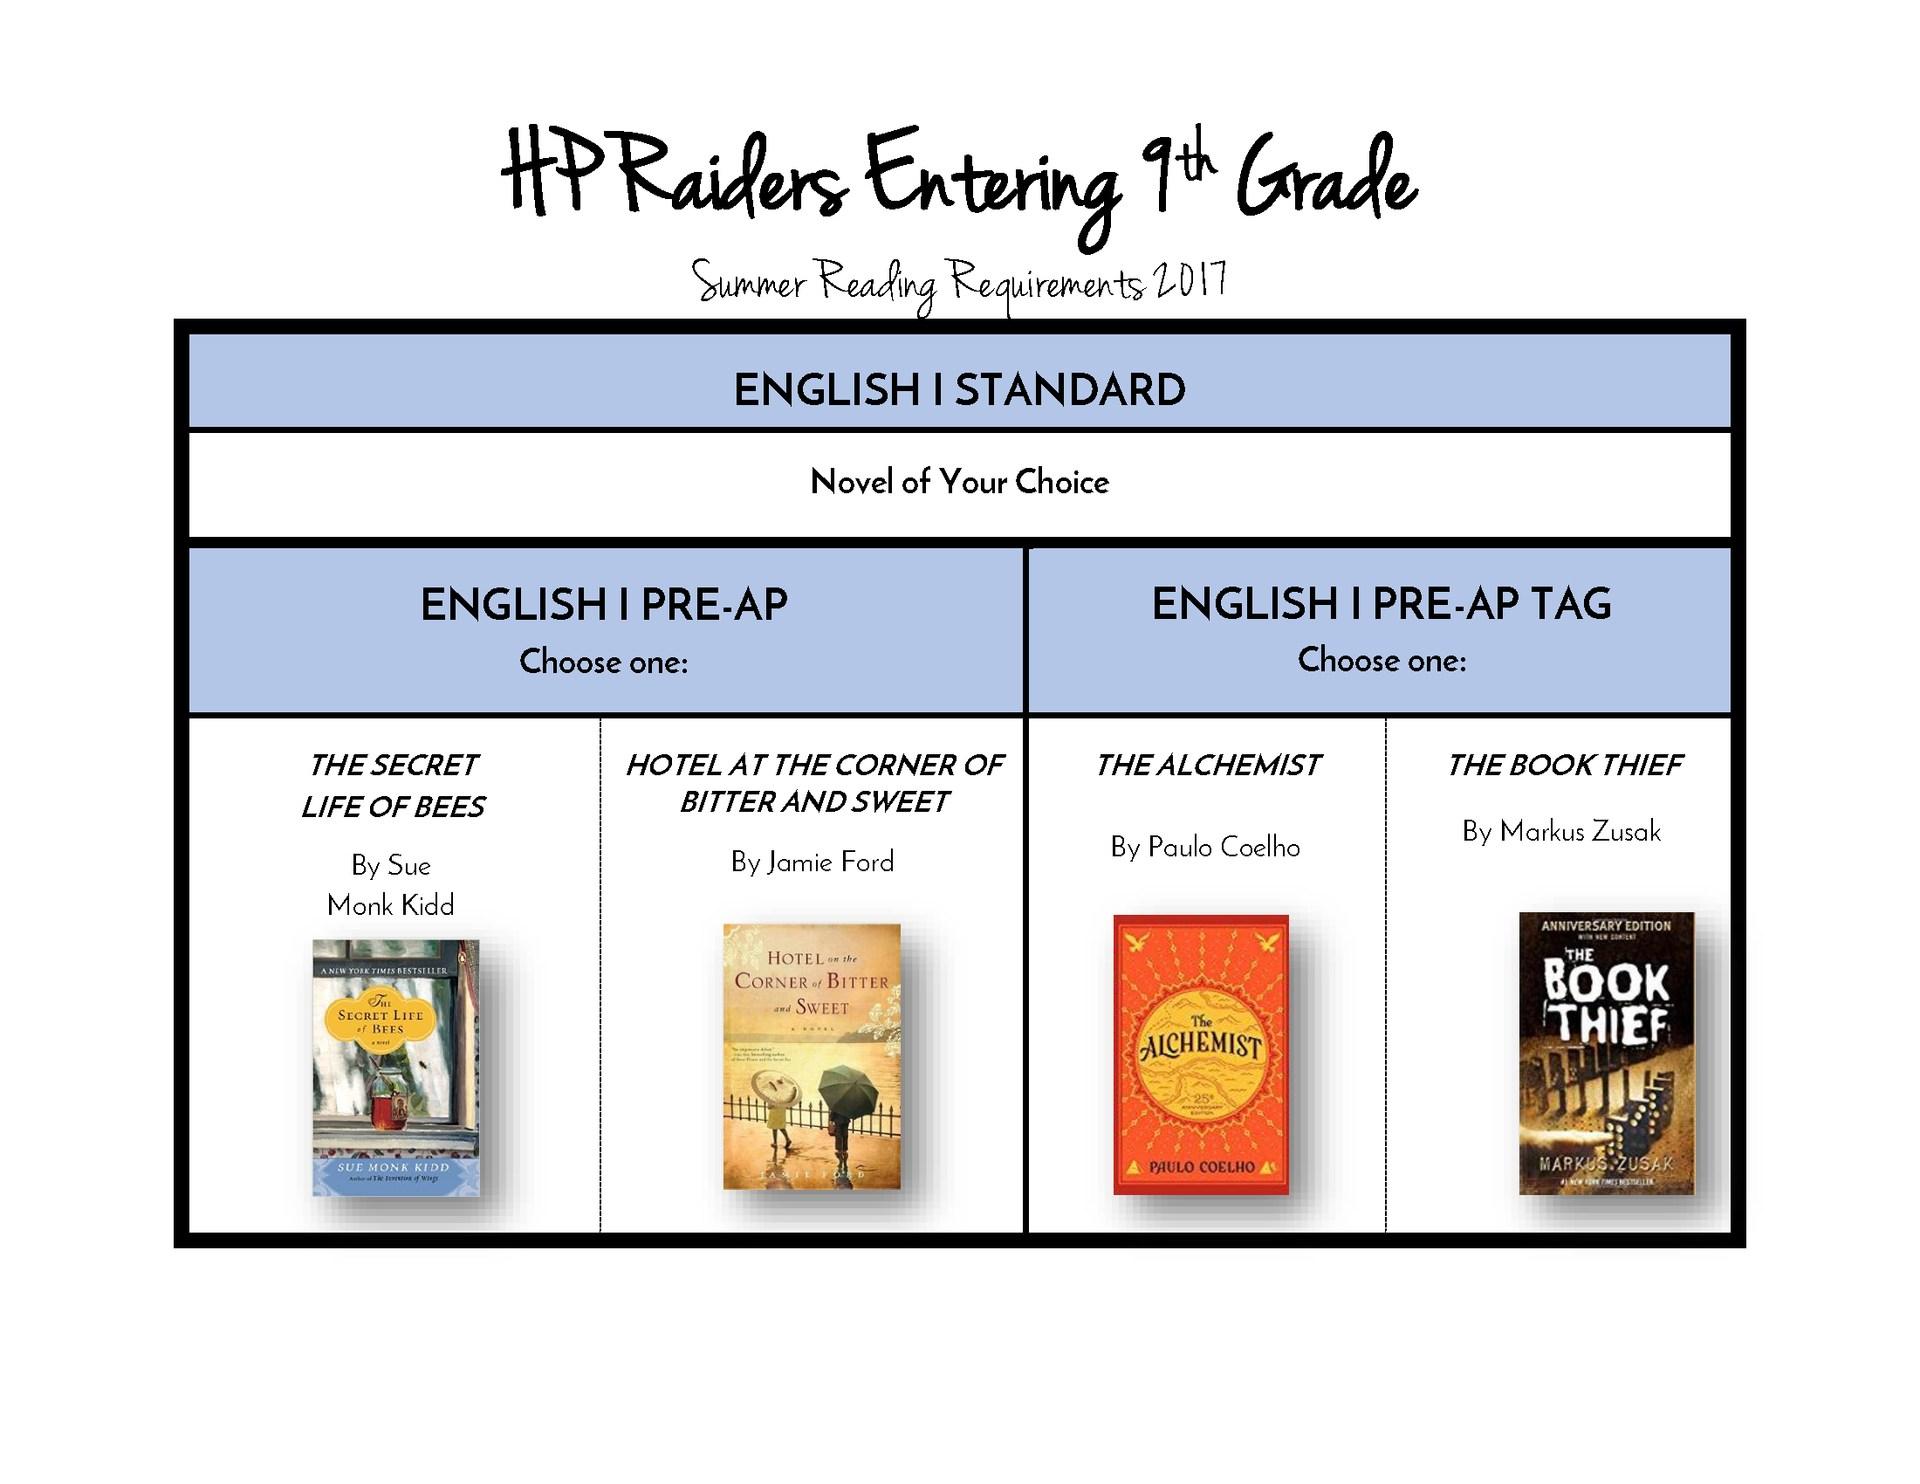 Entering 9th Grade Summer Reading